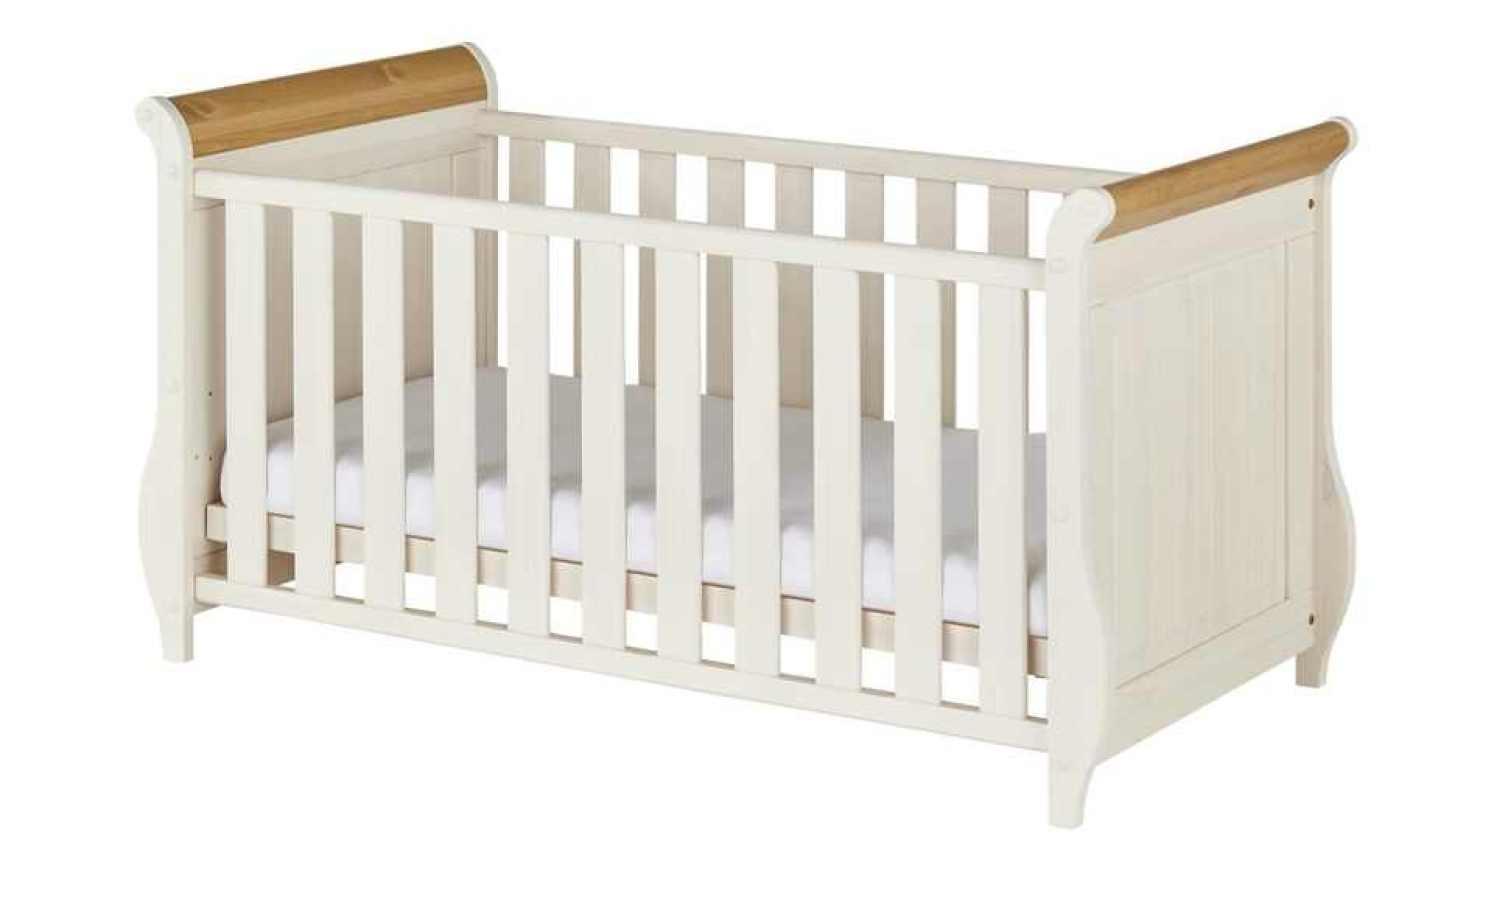 Kinderbett BORNHOLM Kiefer Weiß / Antikfarben